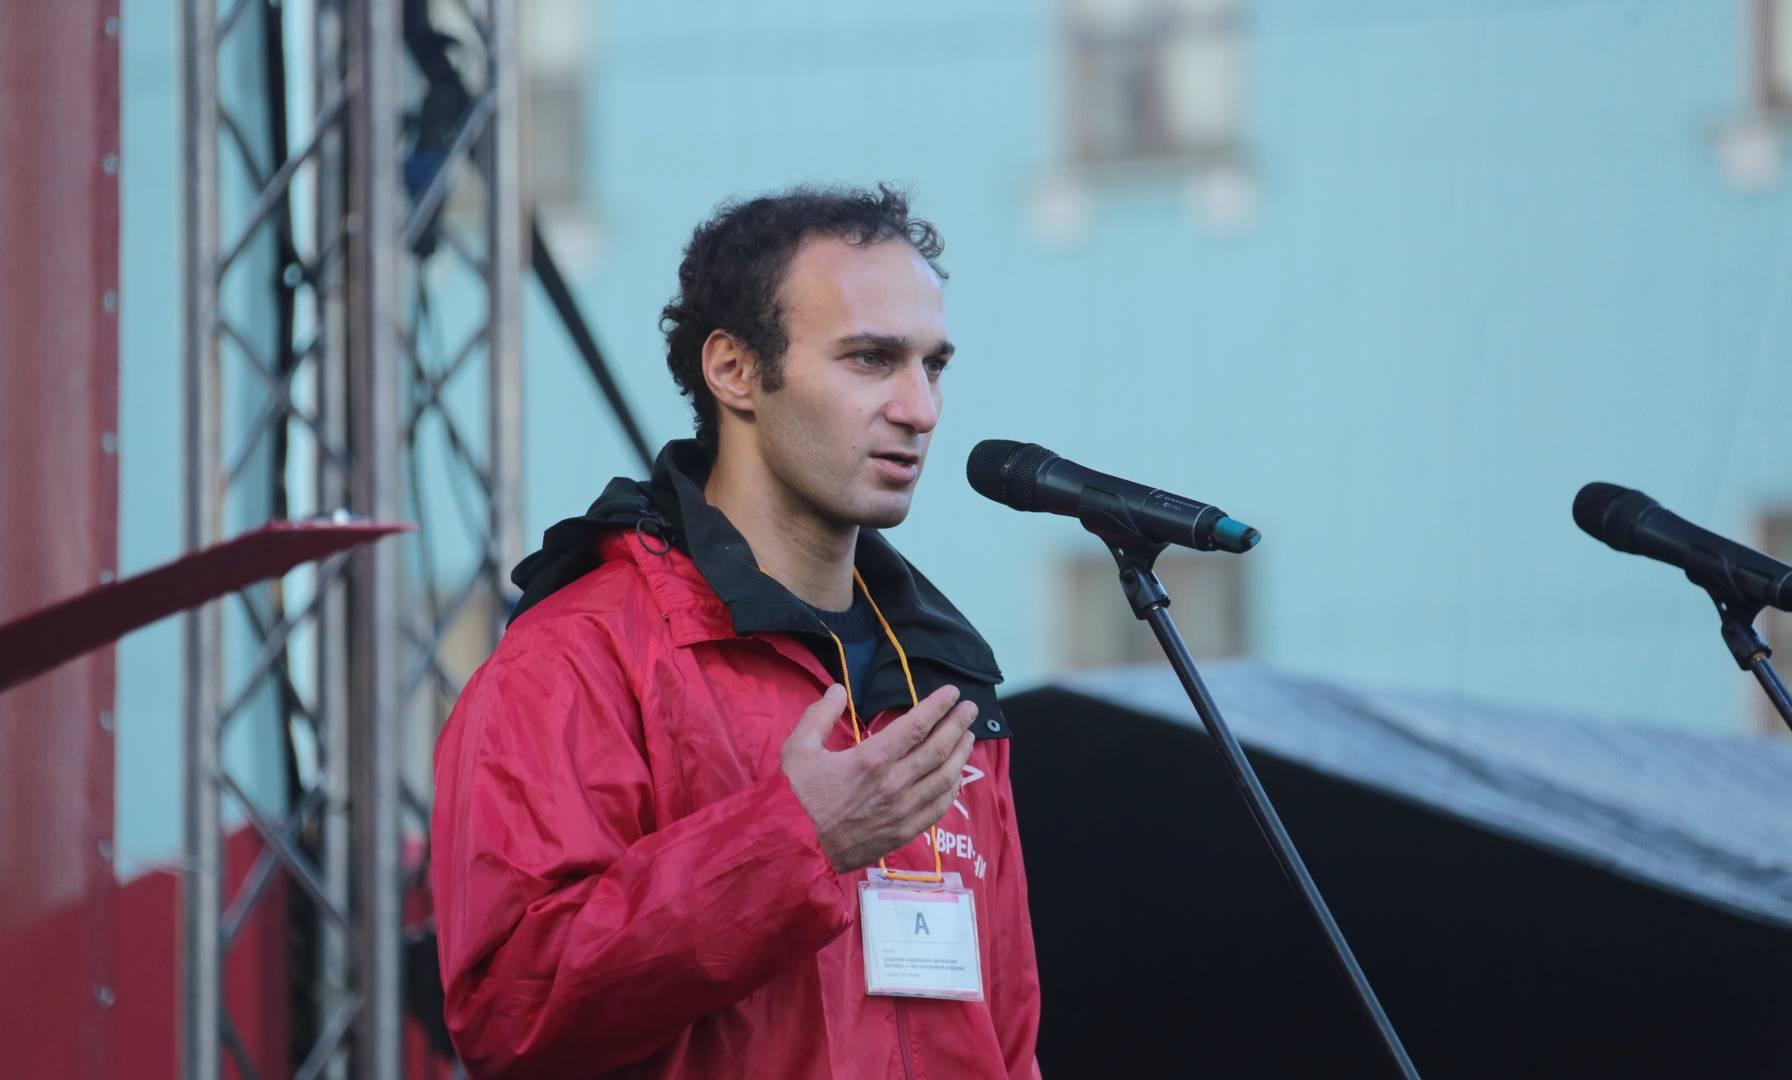 Сергей Григорян на митинге «Сути времени» в Москве, 5 ноября 2018 г.